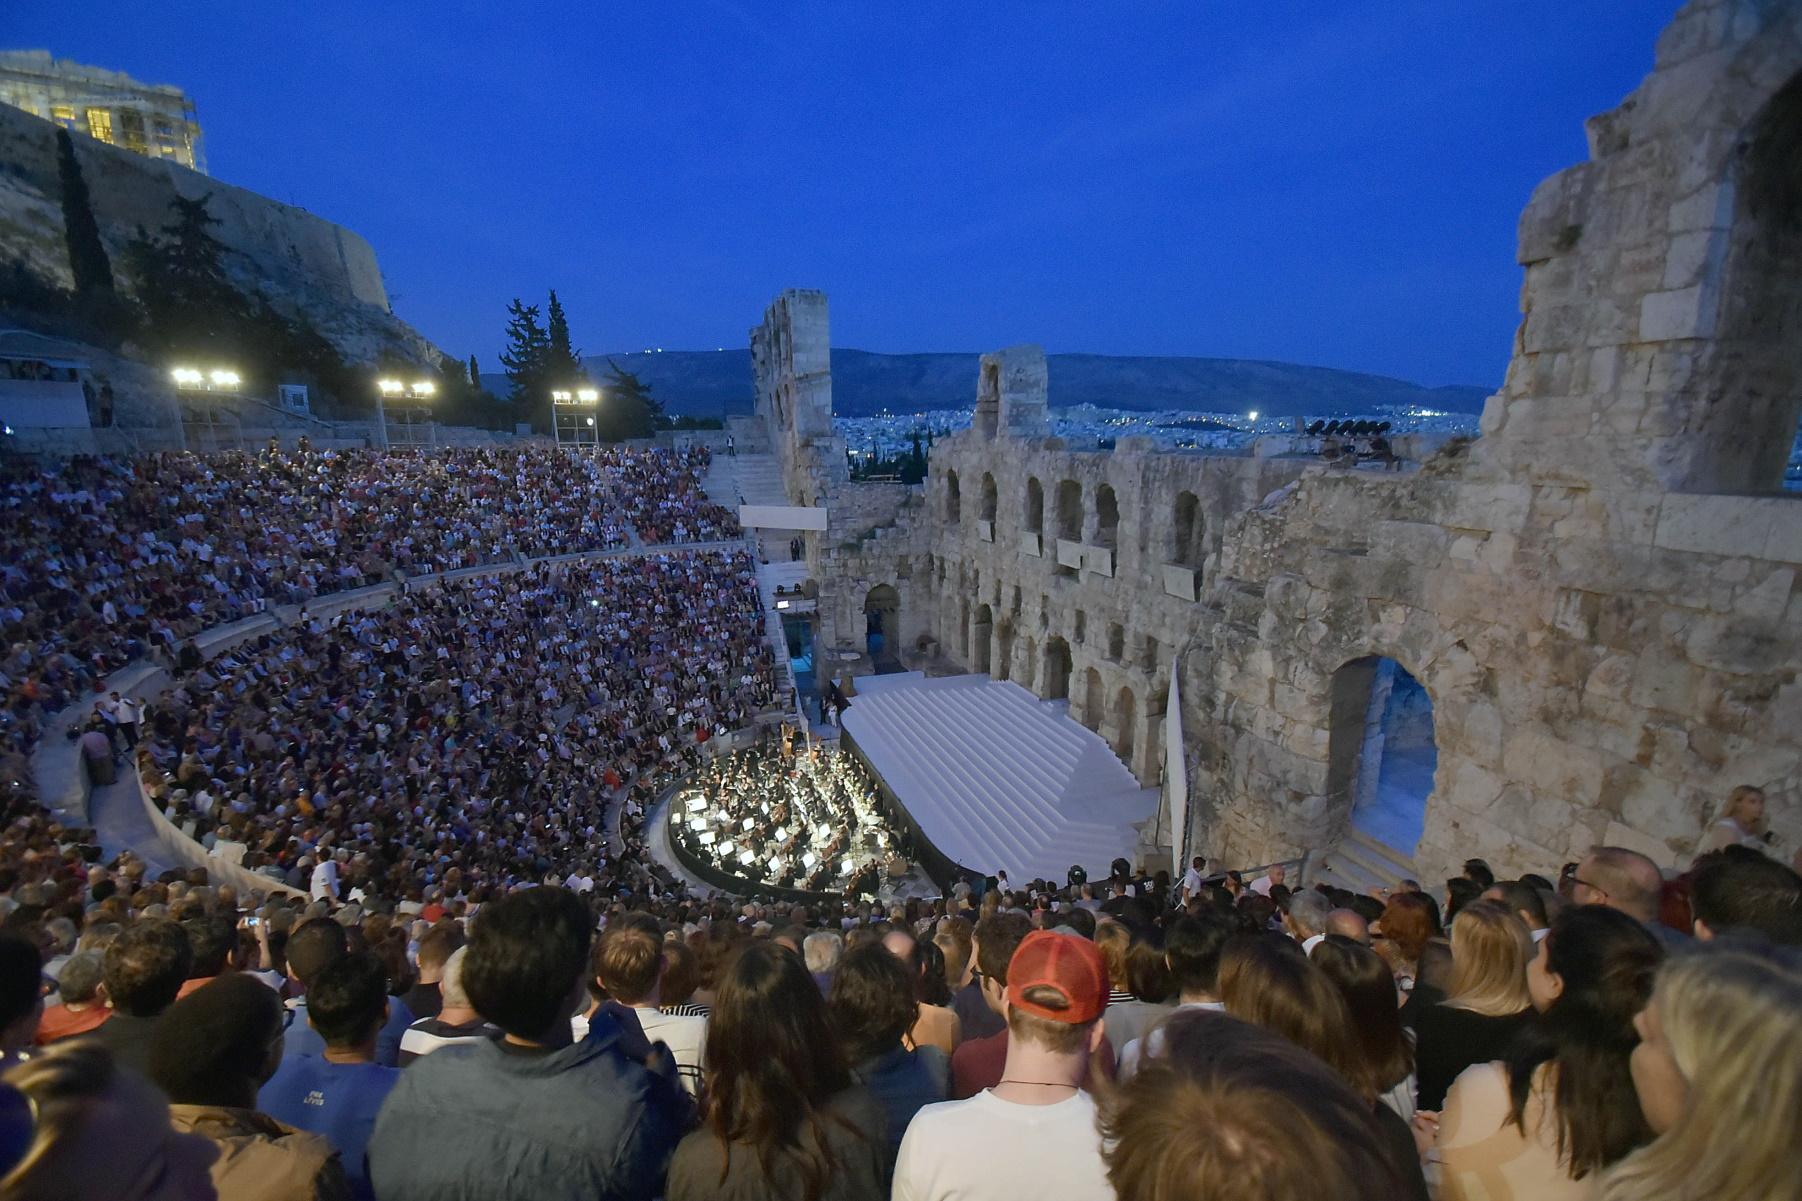 Φεστιβάλ Αθηνών – Επιδαύρου: Πάνω από 80 καλοκαιρινές παραστάσεις και συναυλίες